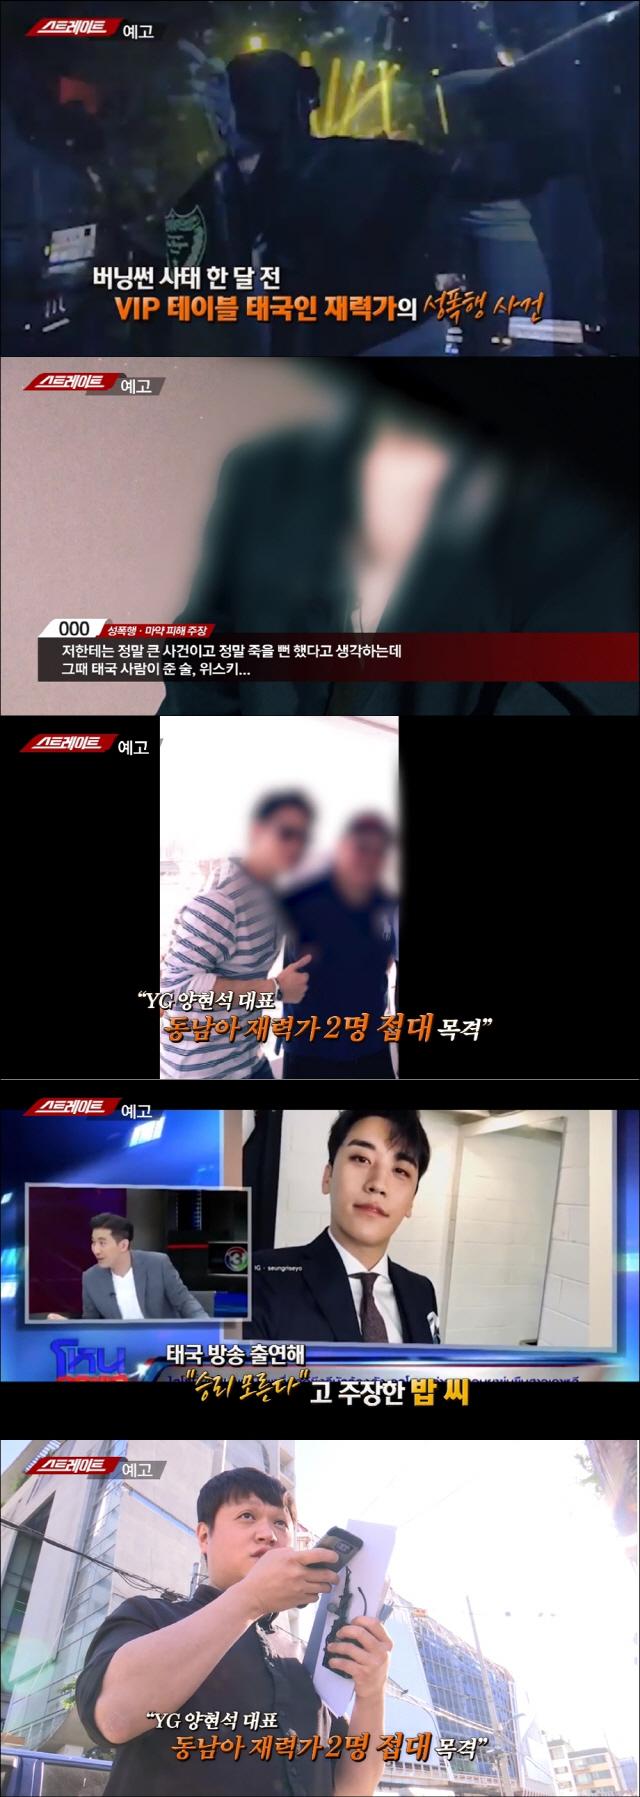 양현석 '동석 했지만 성접대는 아니다' MBC '스트레이트'와 진실게임 시작